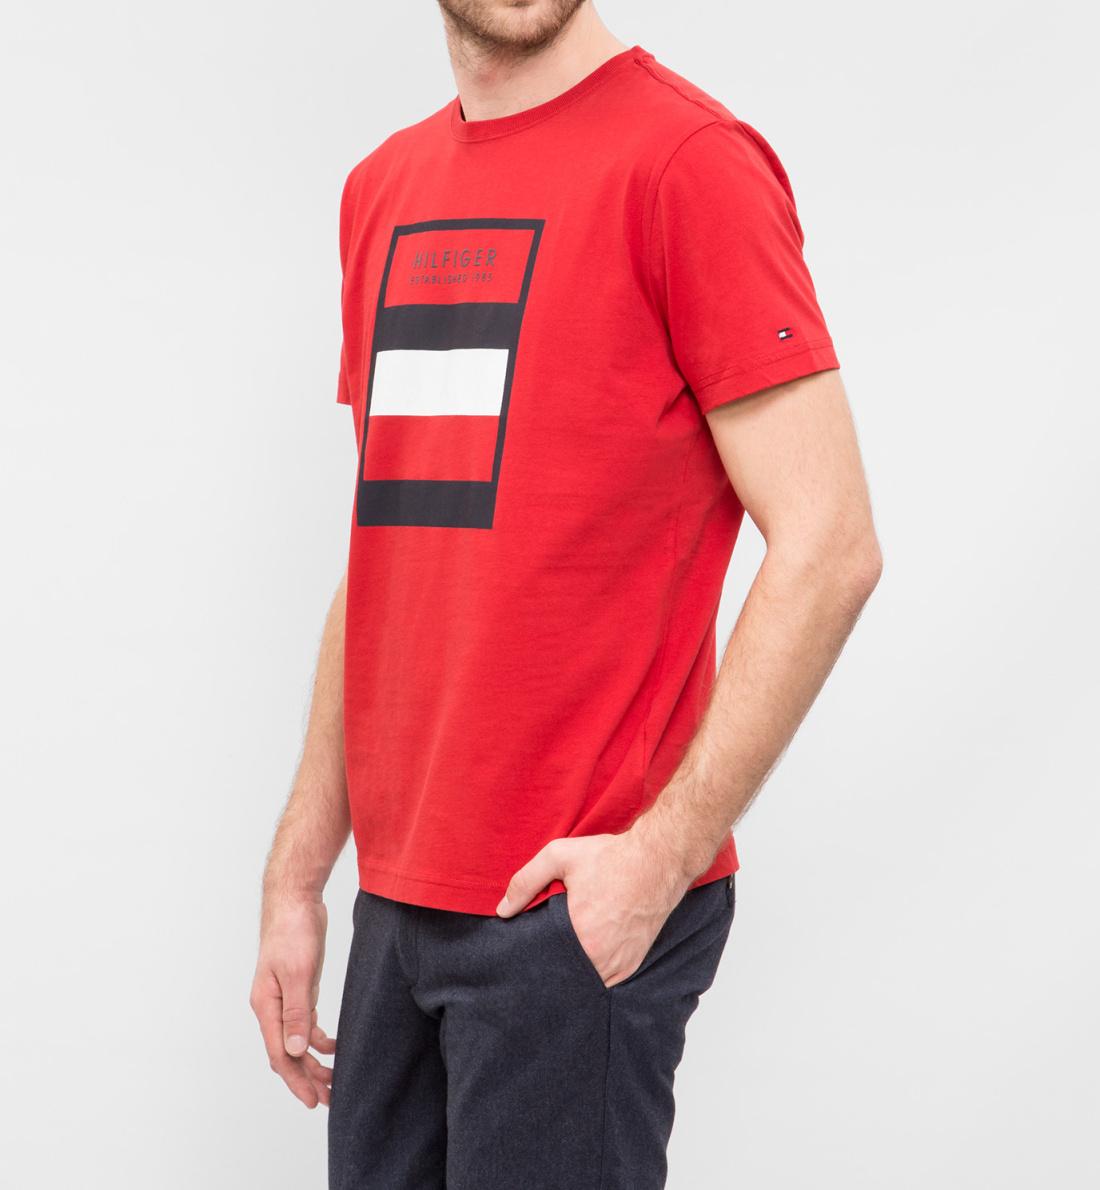 Tommy Hilfiger pánské červené tričko Norman - Mode.cz 06b84468c1e